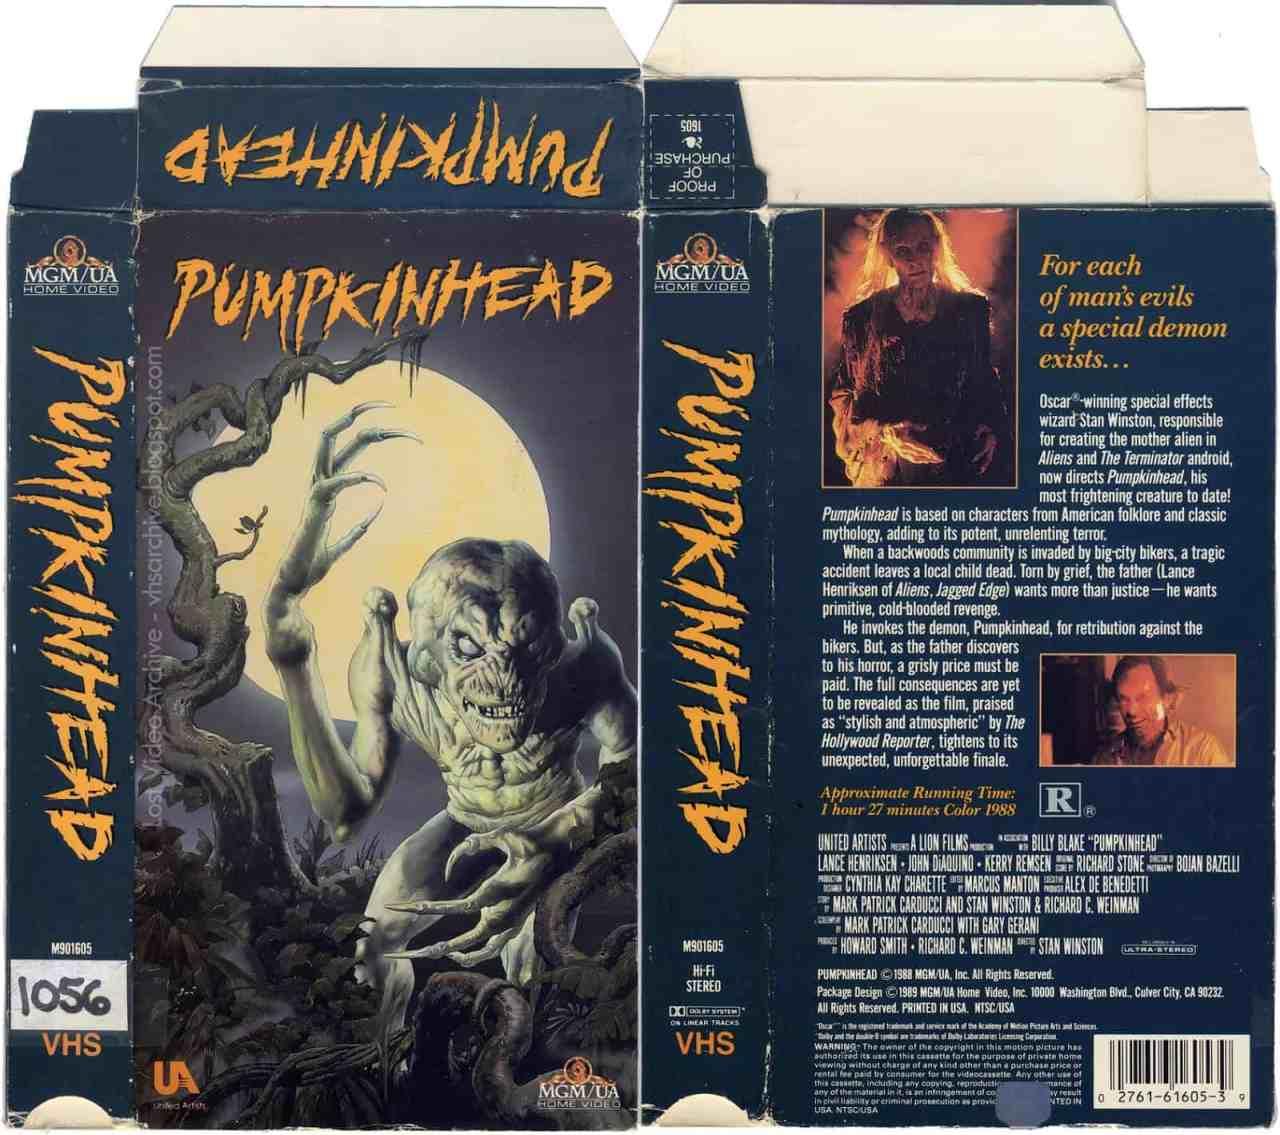 pumpkinhead-vhs-box